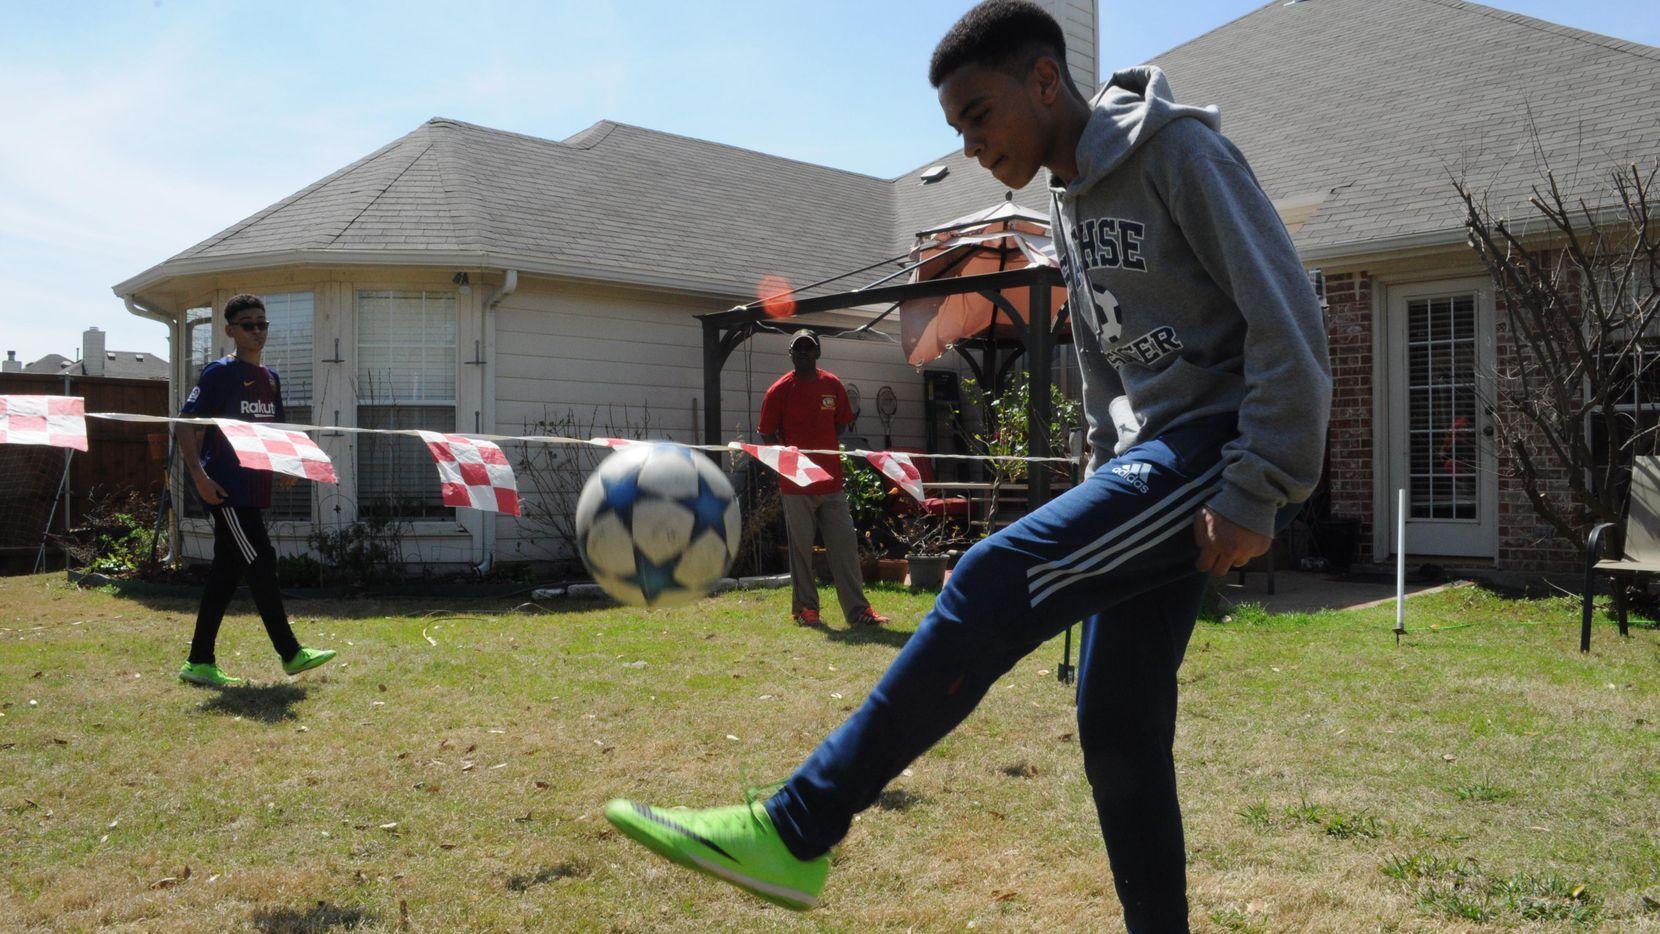 Miguel Kobby Adoboe entrena con un balón de futbol en el patio de su casa en Sachse, Texas, junto a su hermano Jojo y su papá Ferdie.(JAVIER GIRIBET/ESPECIAL PARA AL DÍA)